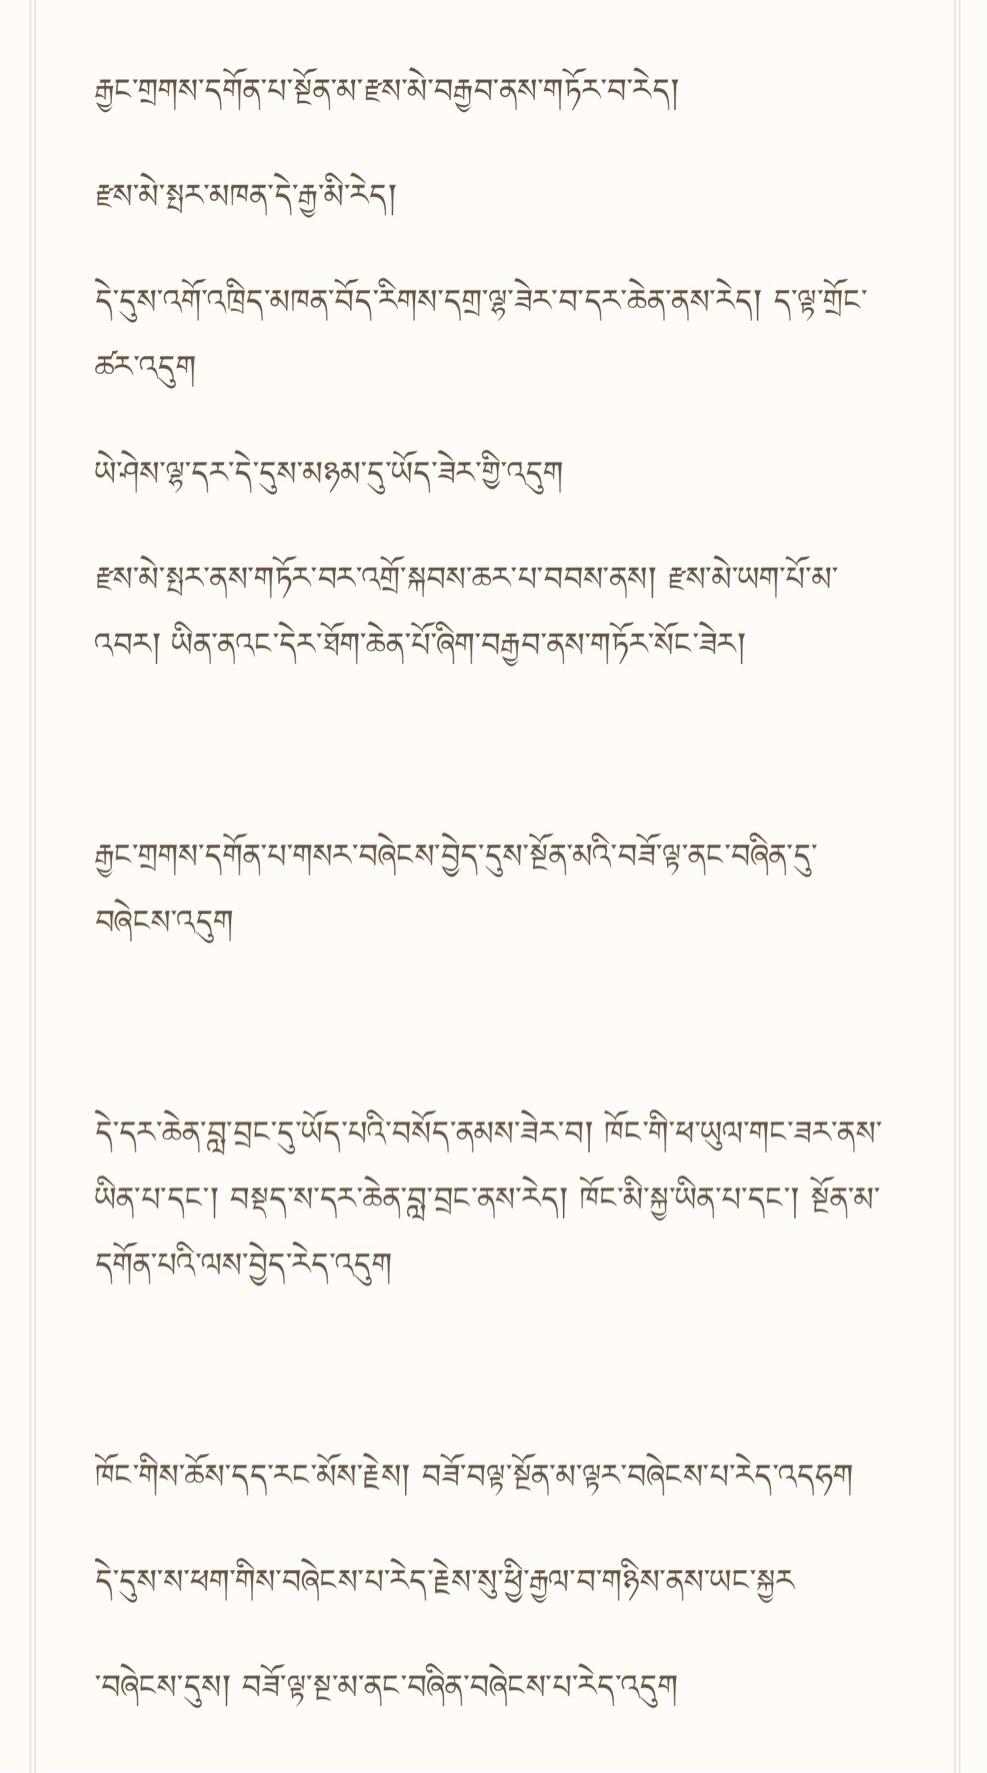 藏人有關江扎寺在文革中被炸燬的敘述。(直貢絳袞澈贊法王提供)